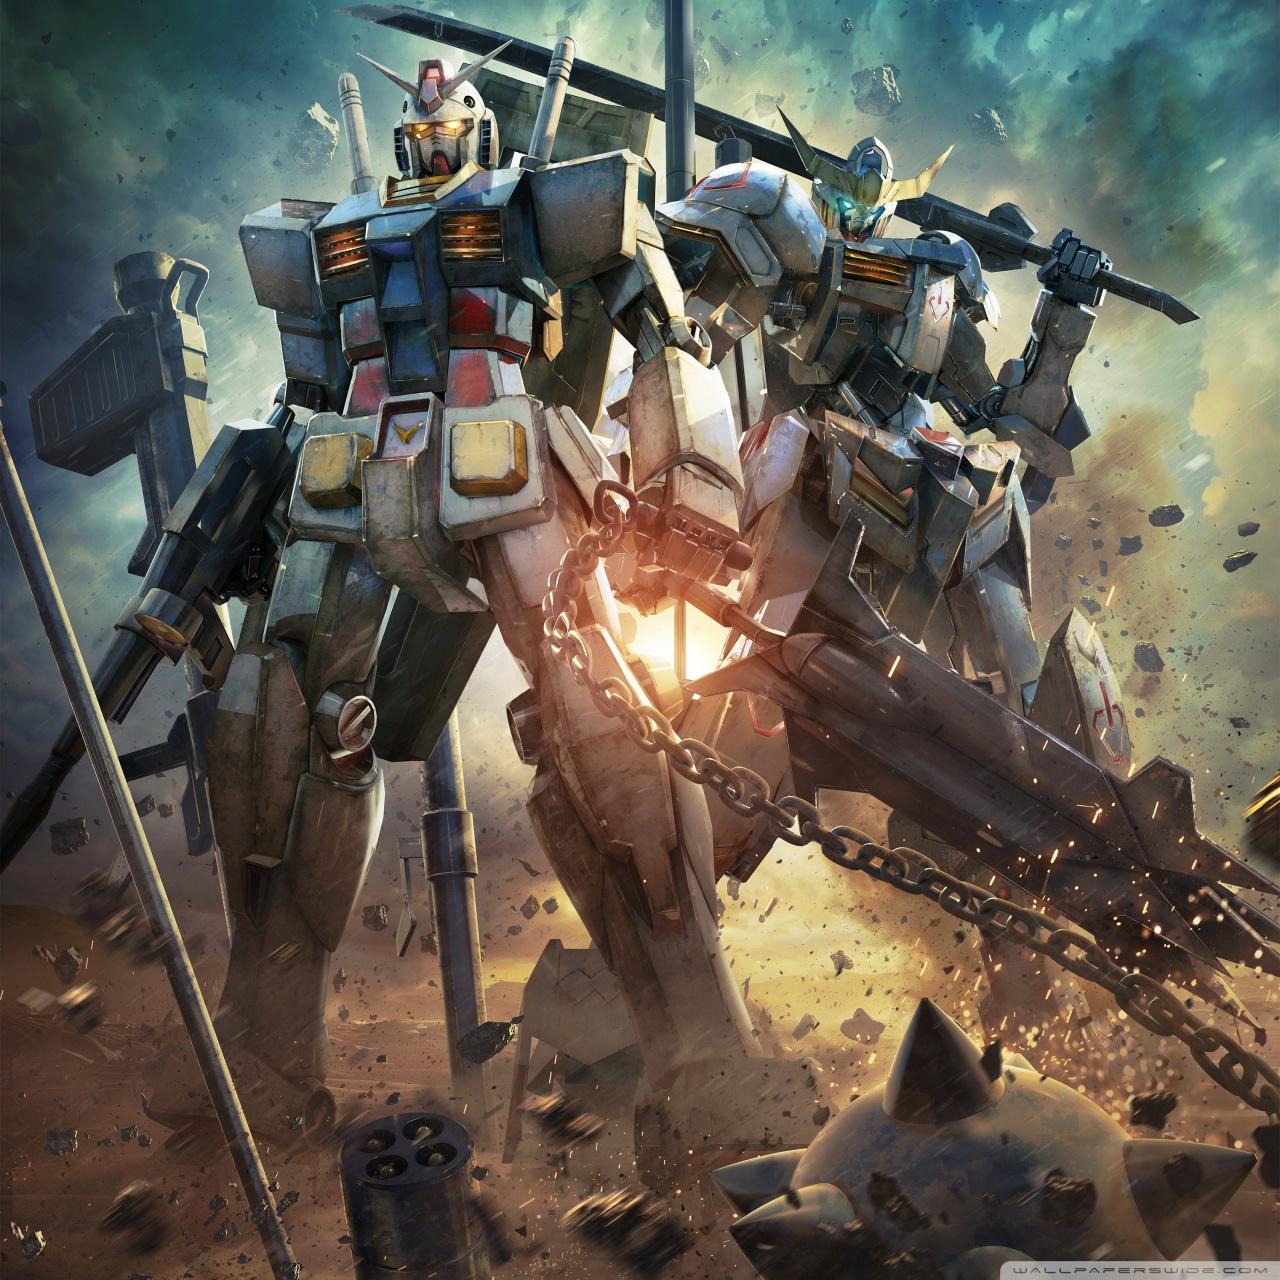 G Gundam Hd Wallpaper Posted By Sarah Walker